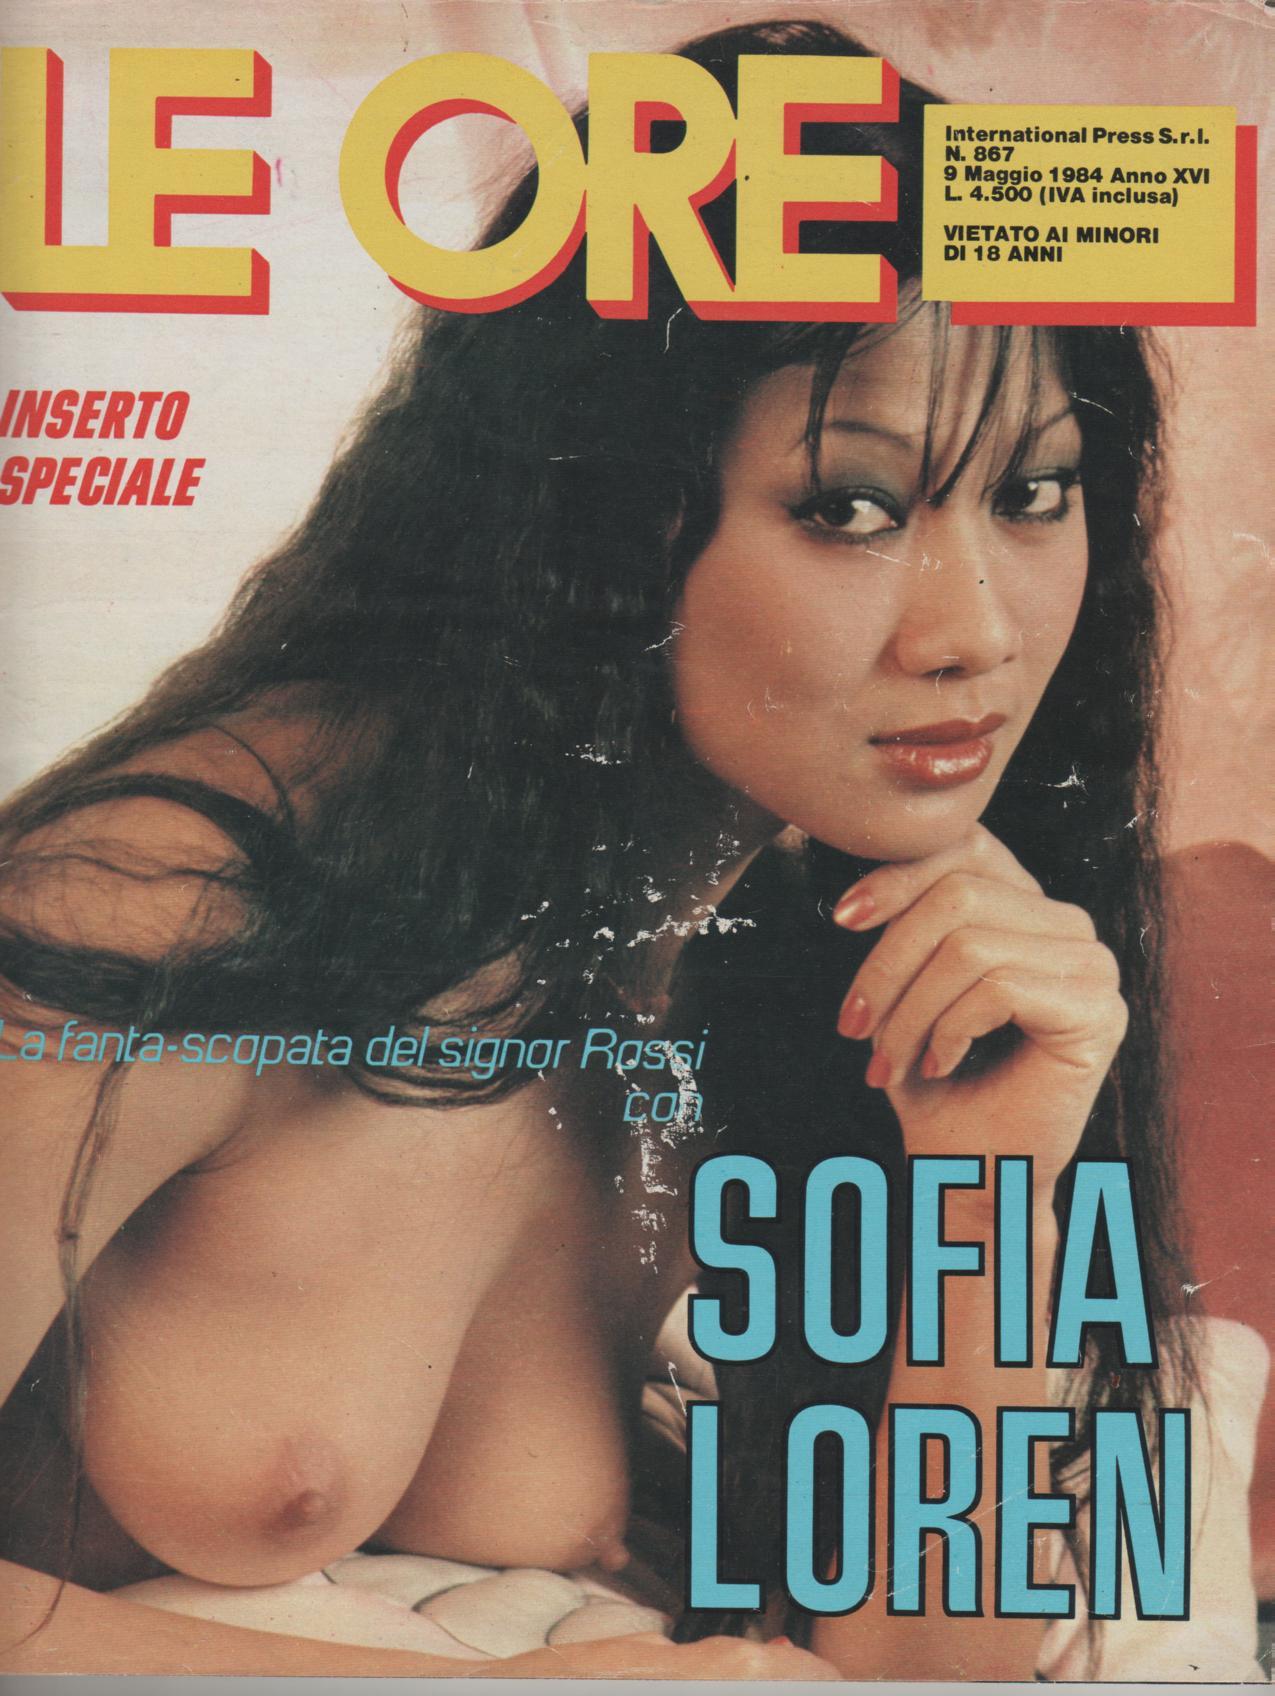 LE ORE  # 867 / 1984  fantascopata con SOFIA LOREN